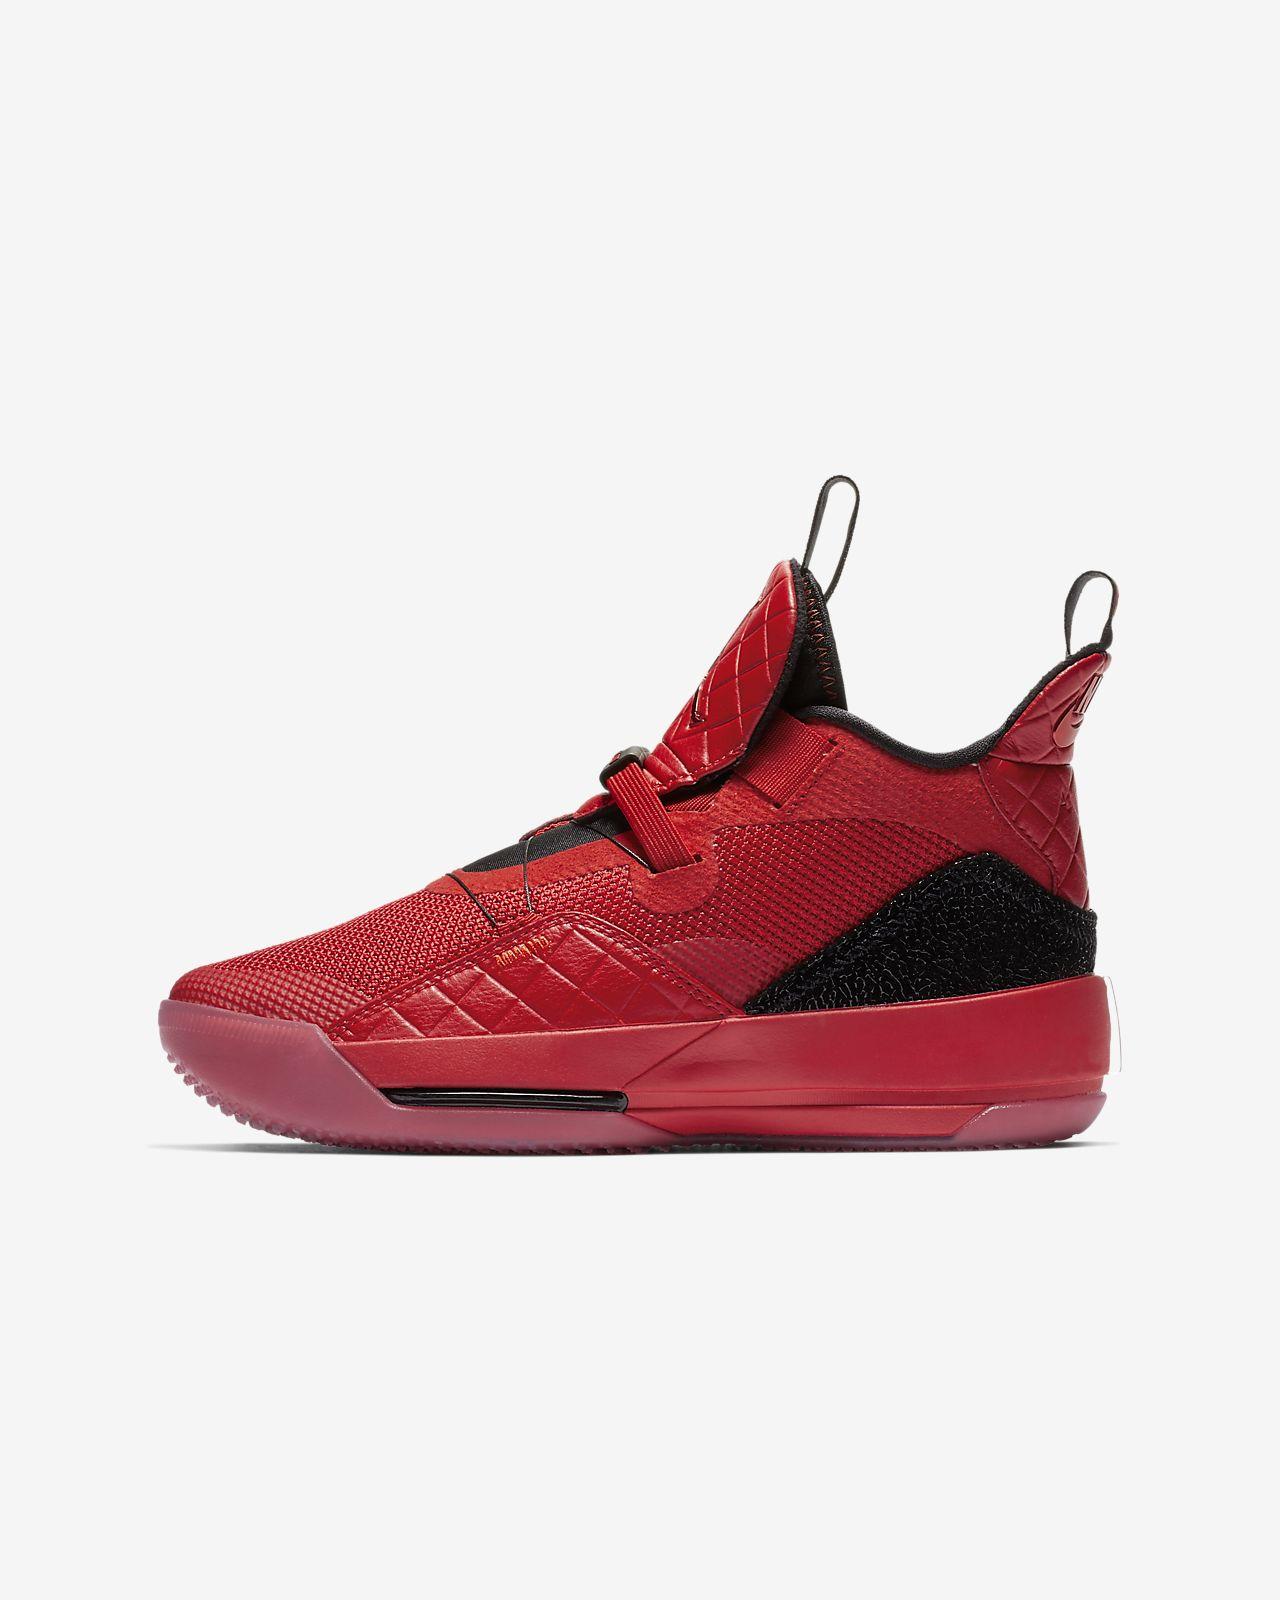 Air Jordan XXXIII Genç Çocuk Basketbol Ayakkabısı